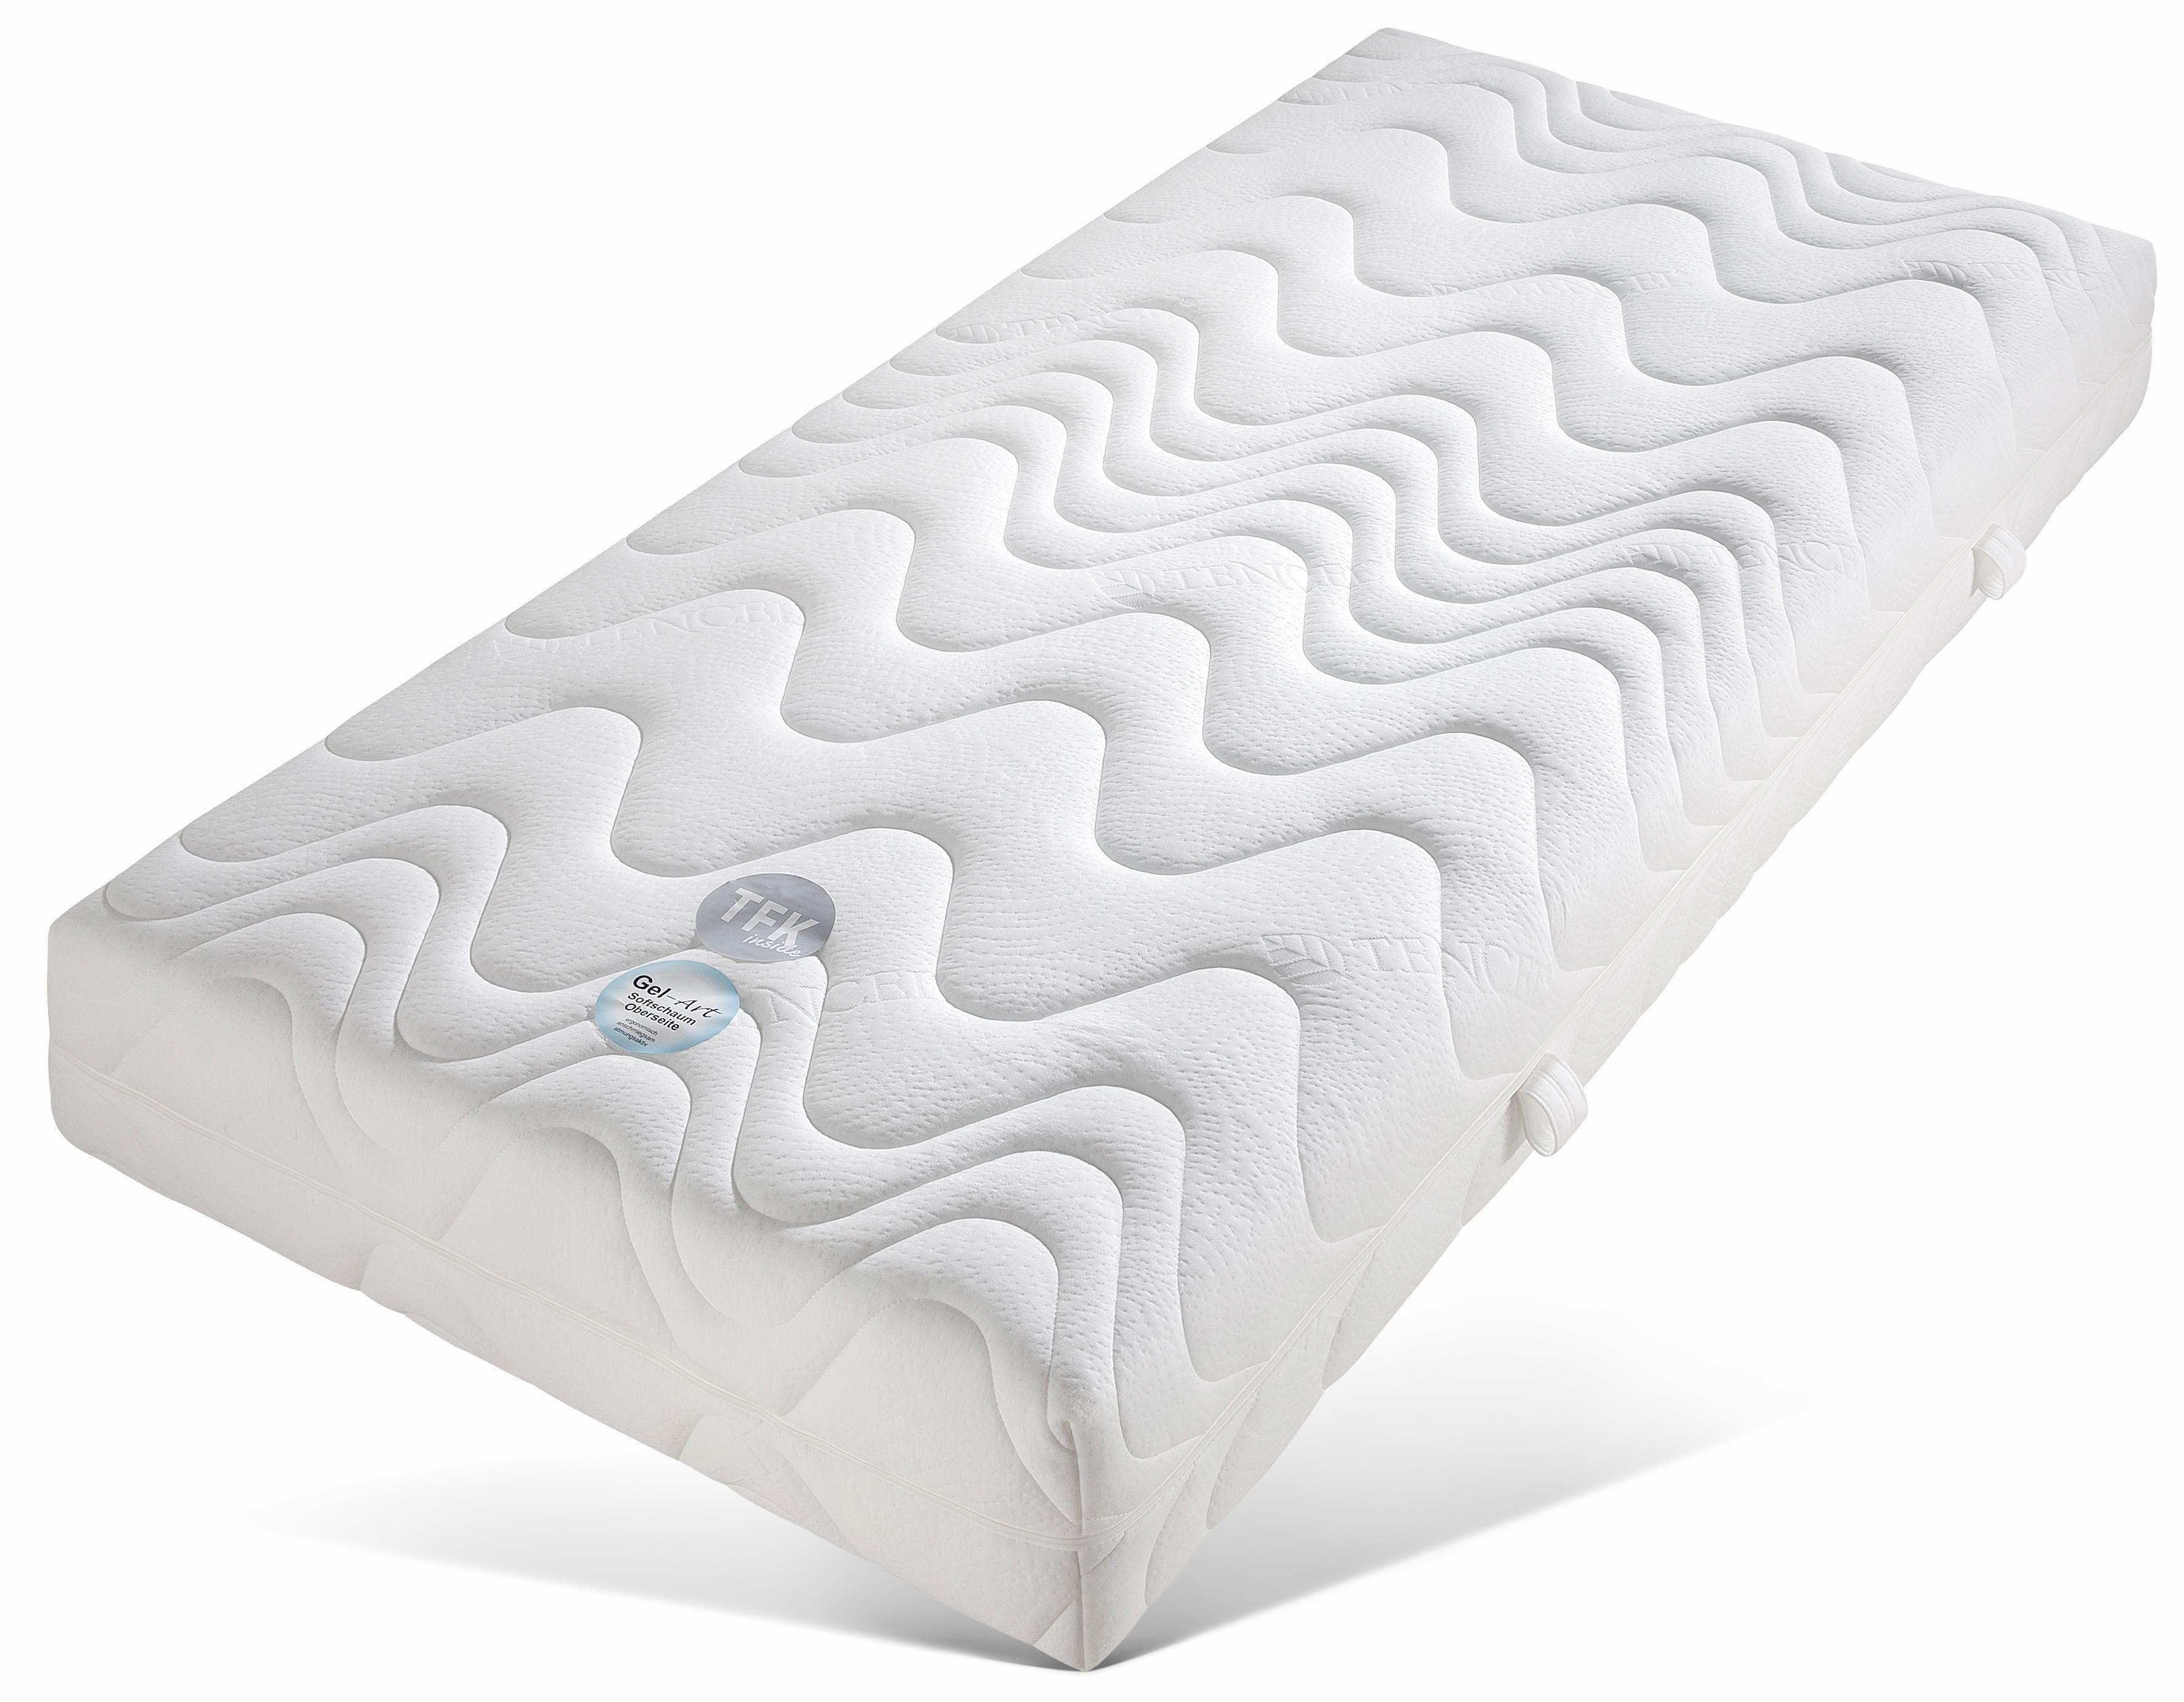 Taschenfederkernmatratze »TFK Pro Gel Luxus«, Beco, 26 cm hoch, 400 Federn, (1-tlg) | Schlafzimmer > Matratzen > Taschenfederkern | Federn | Beco